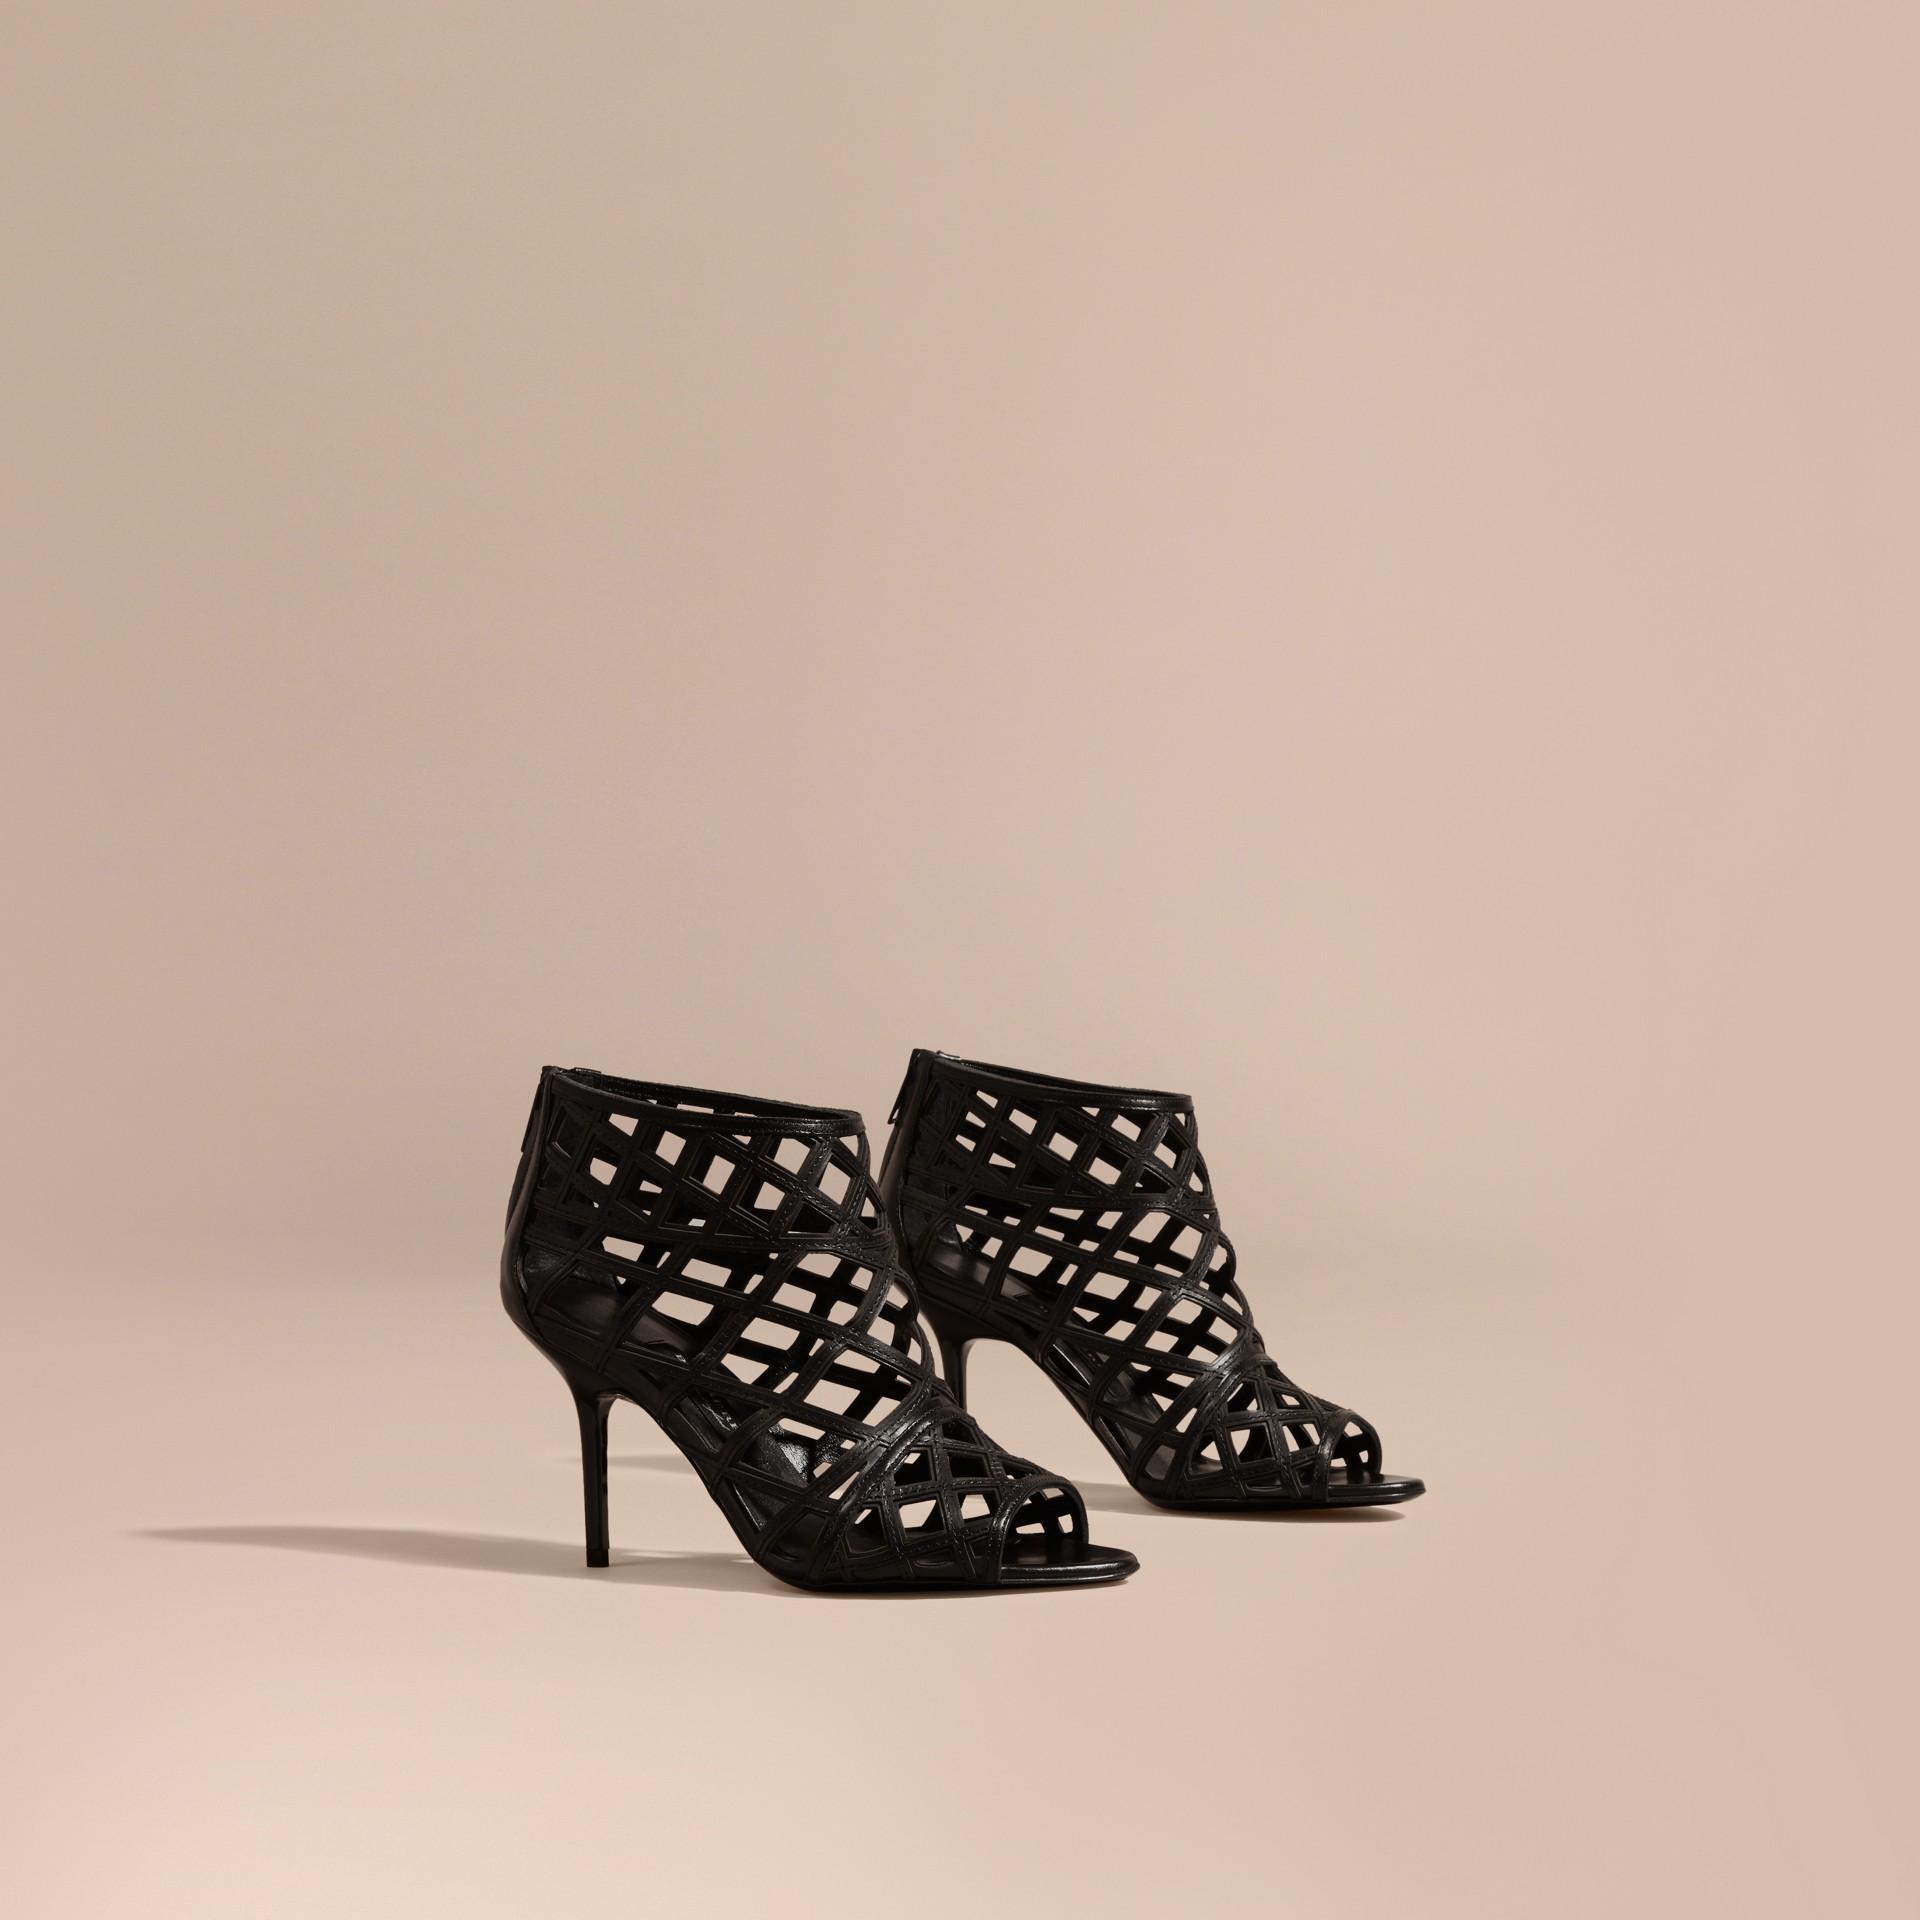 Schwarz Stiefeletten aus Leder mit Aussparungsdetail Schwarz - Galerie-Bild 1